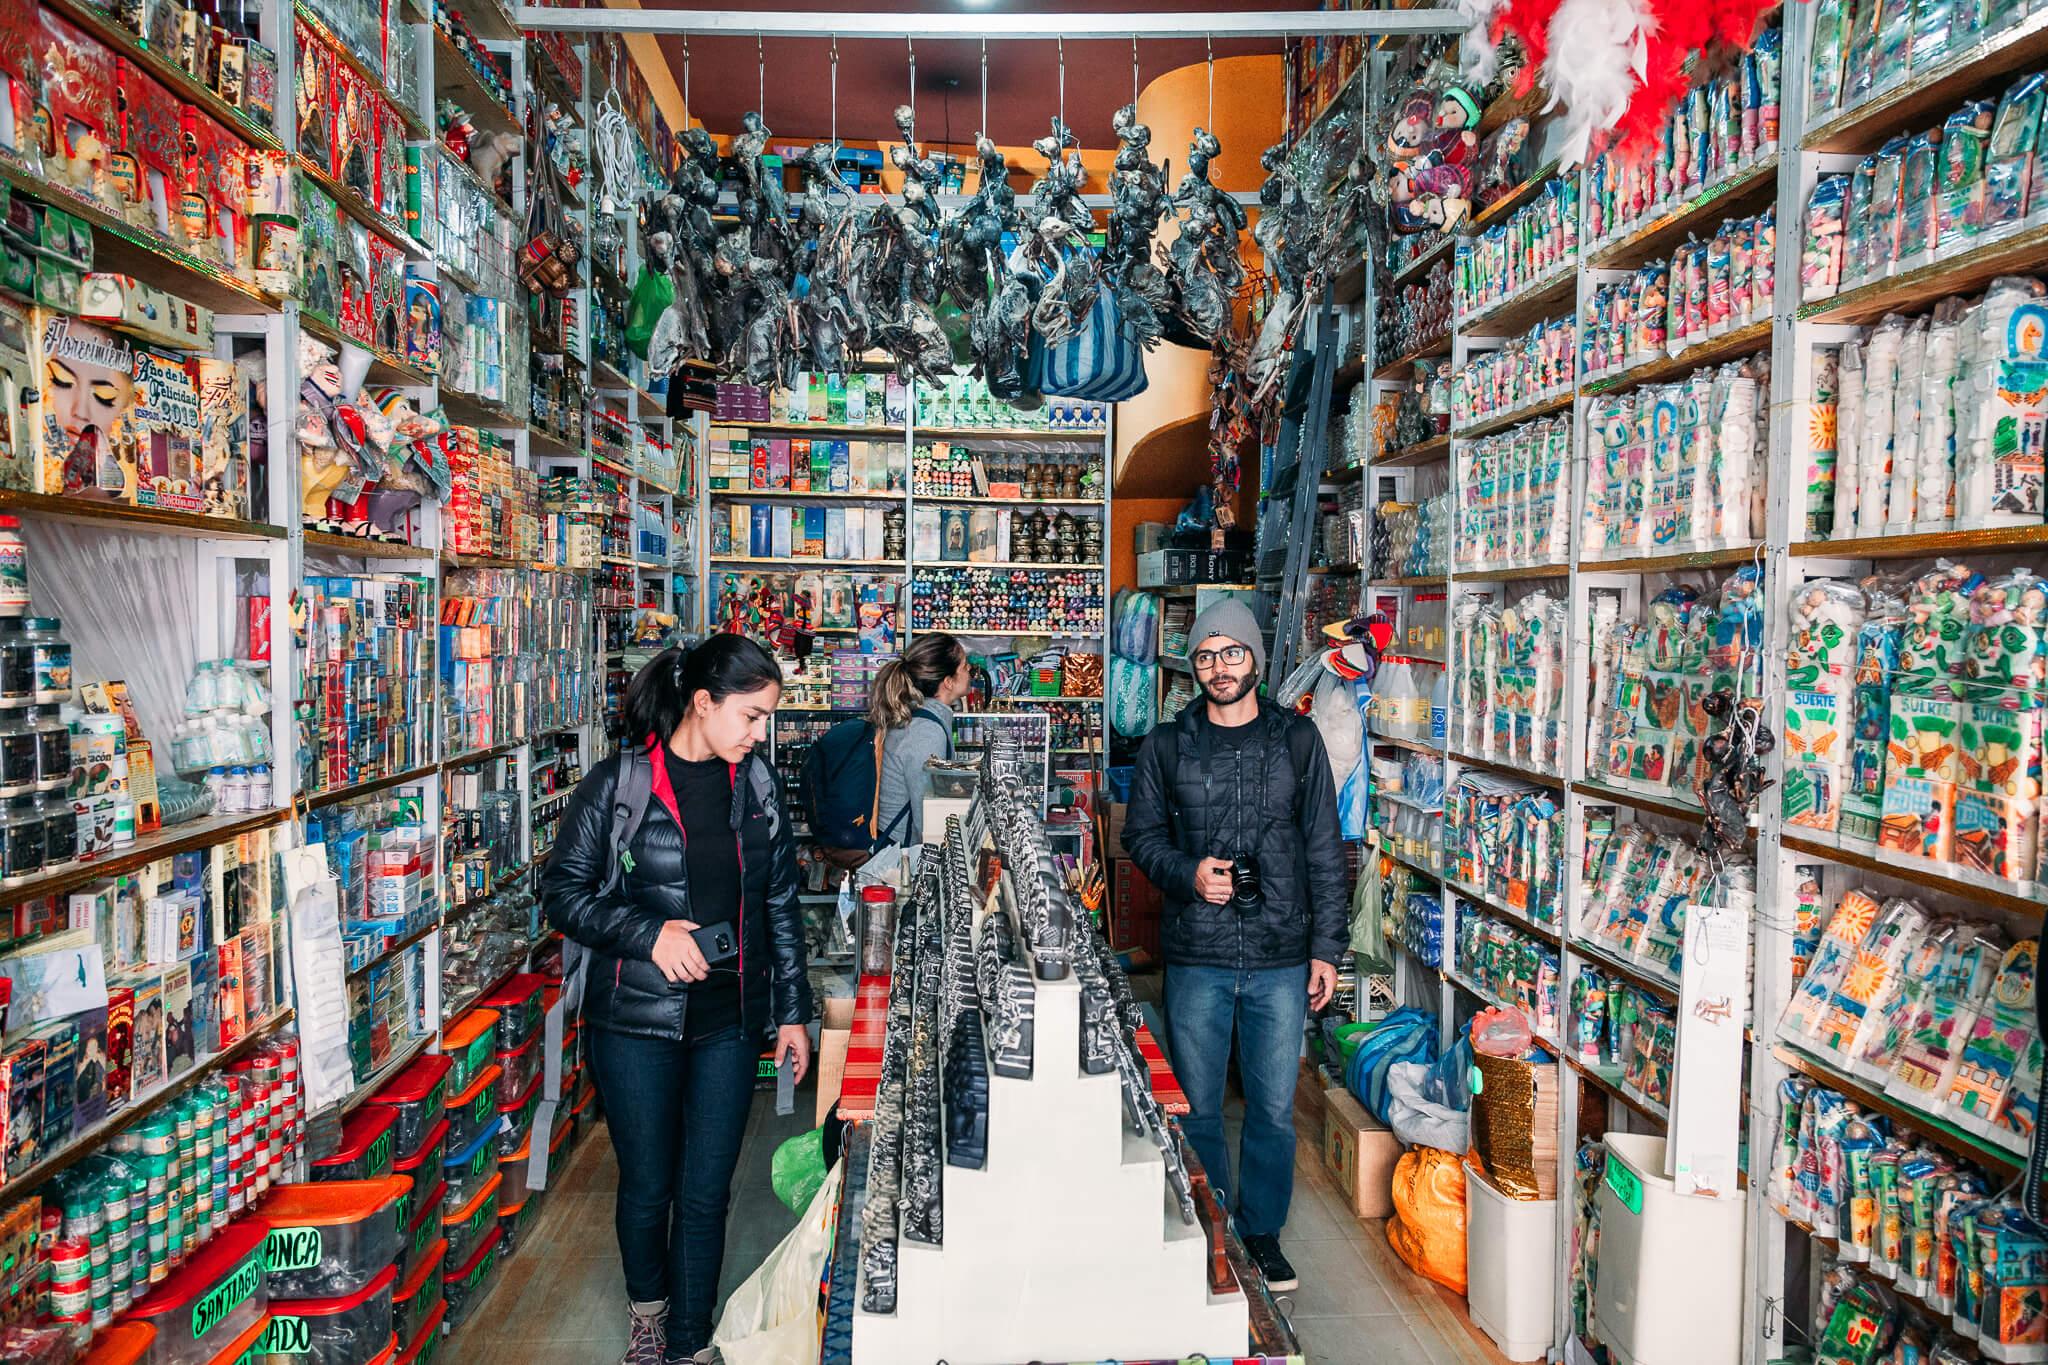 Uma das lojas do Mercado das Bruxas de La Paz